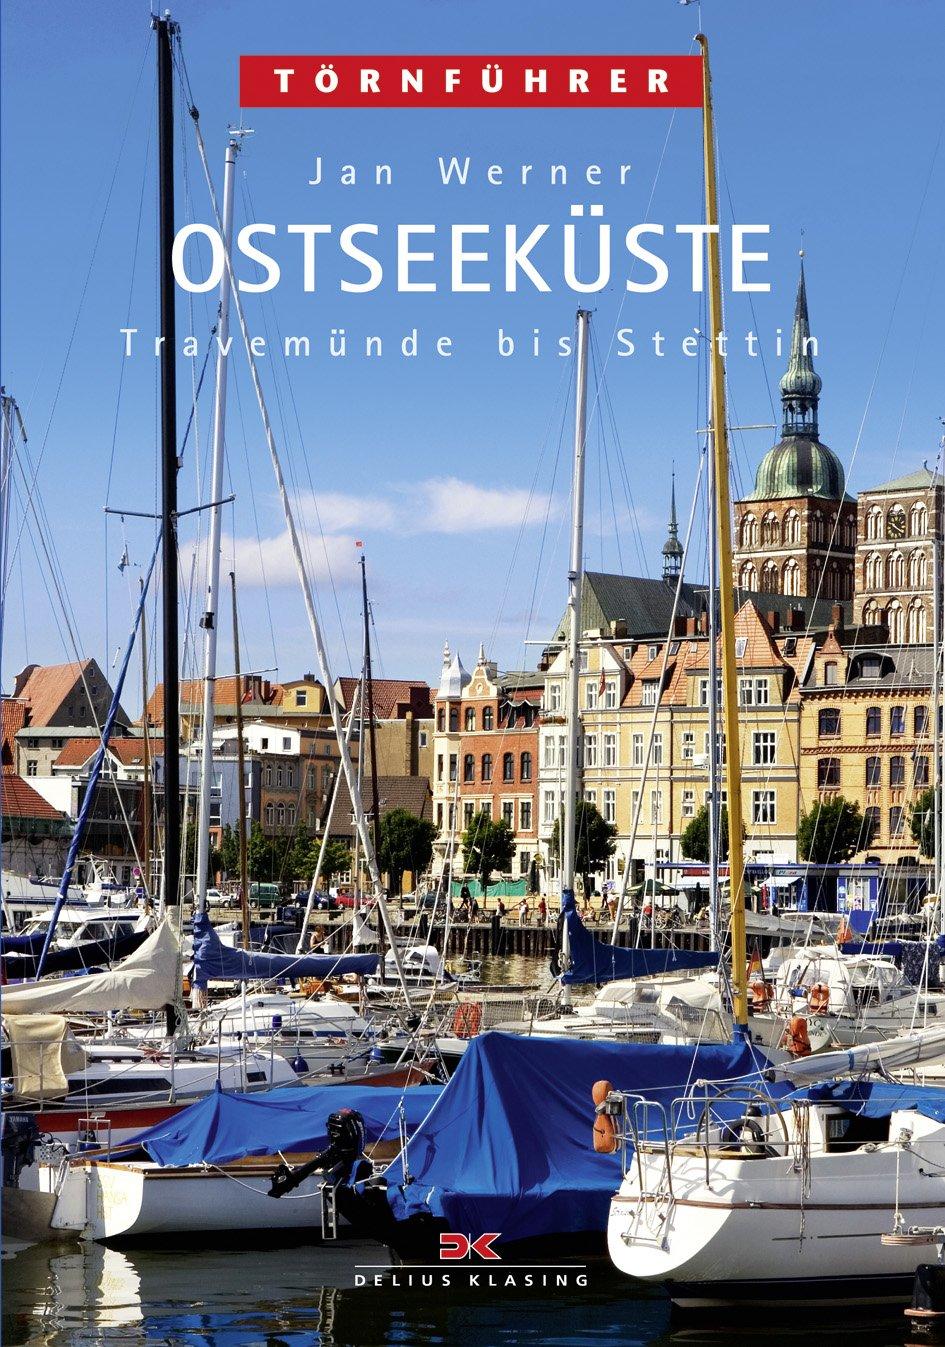 Ostseeküste 2: Travemünde bis Stettin